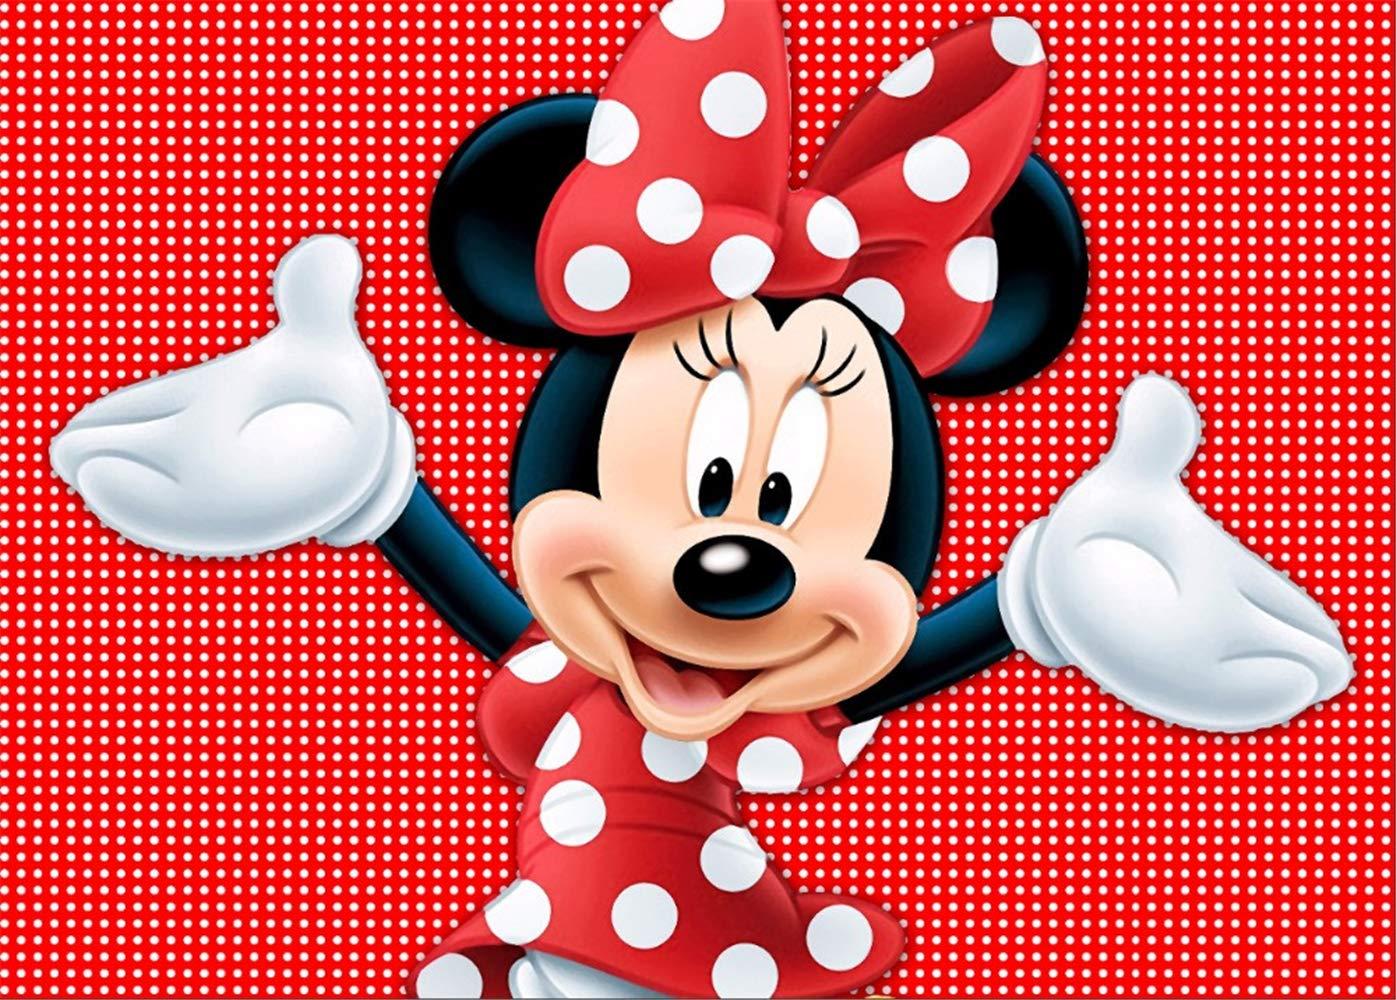 赤と白のミニーマウス 誕生日バナー 個人パーティー背景装飾 7x5 写真背景 新生児 ベビーシャワー 写真スタジオ小道具   B07NRSWJW4